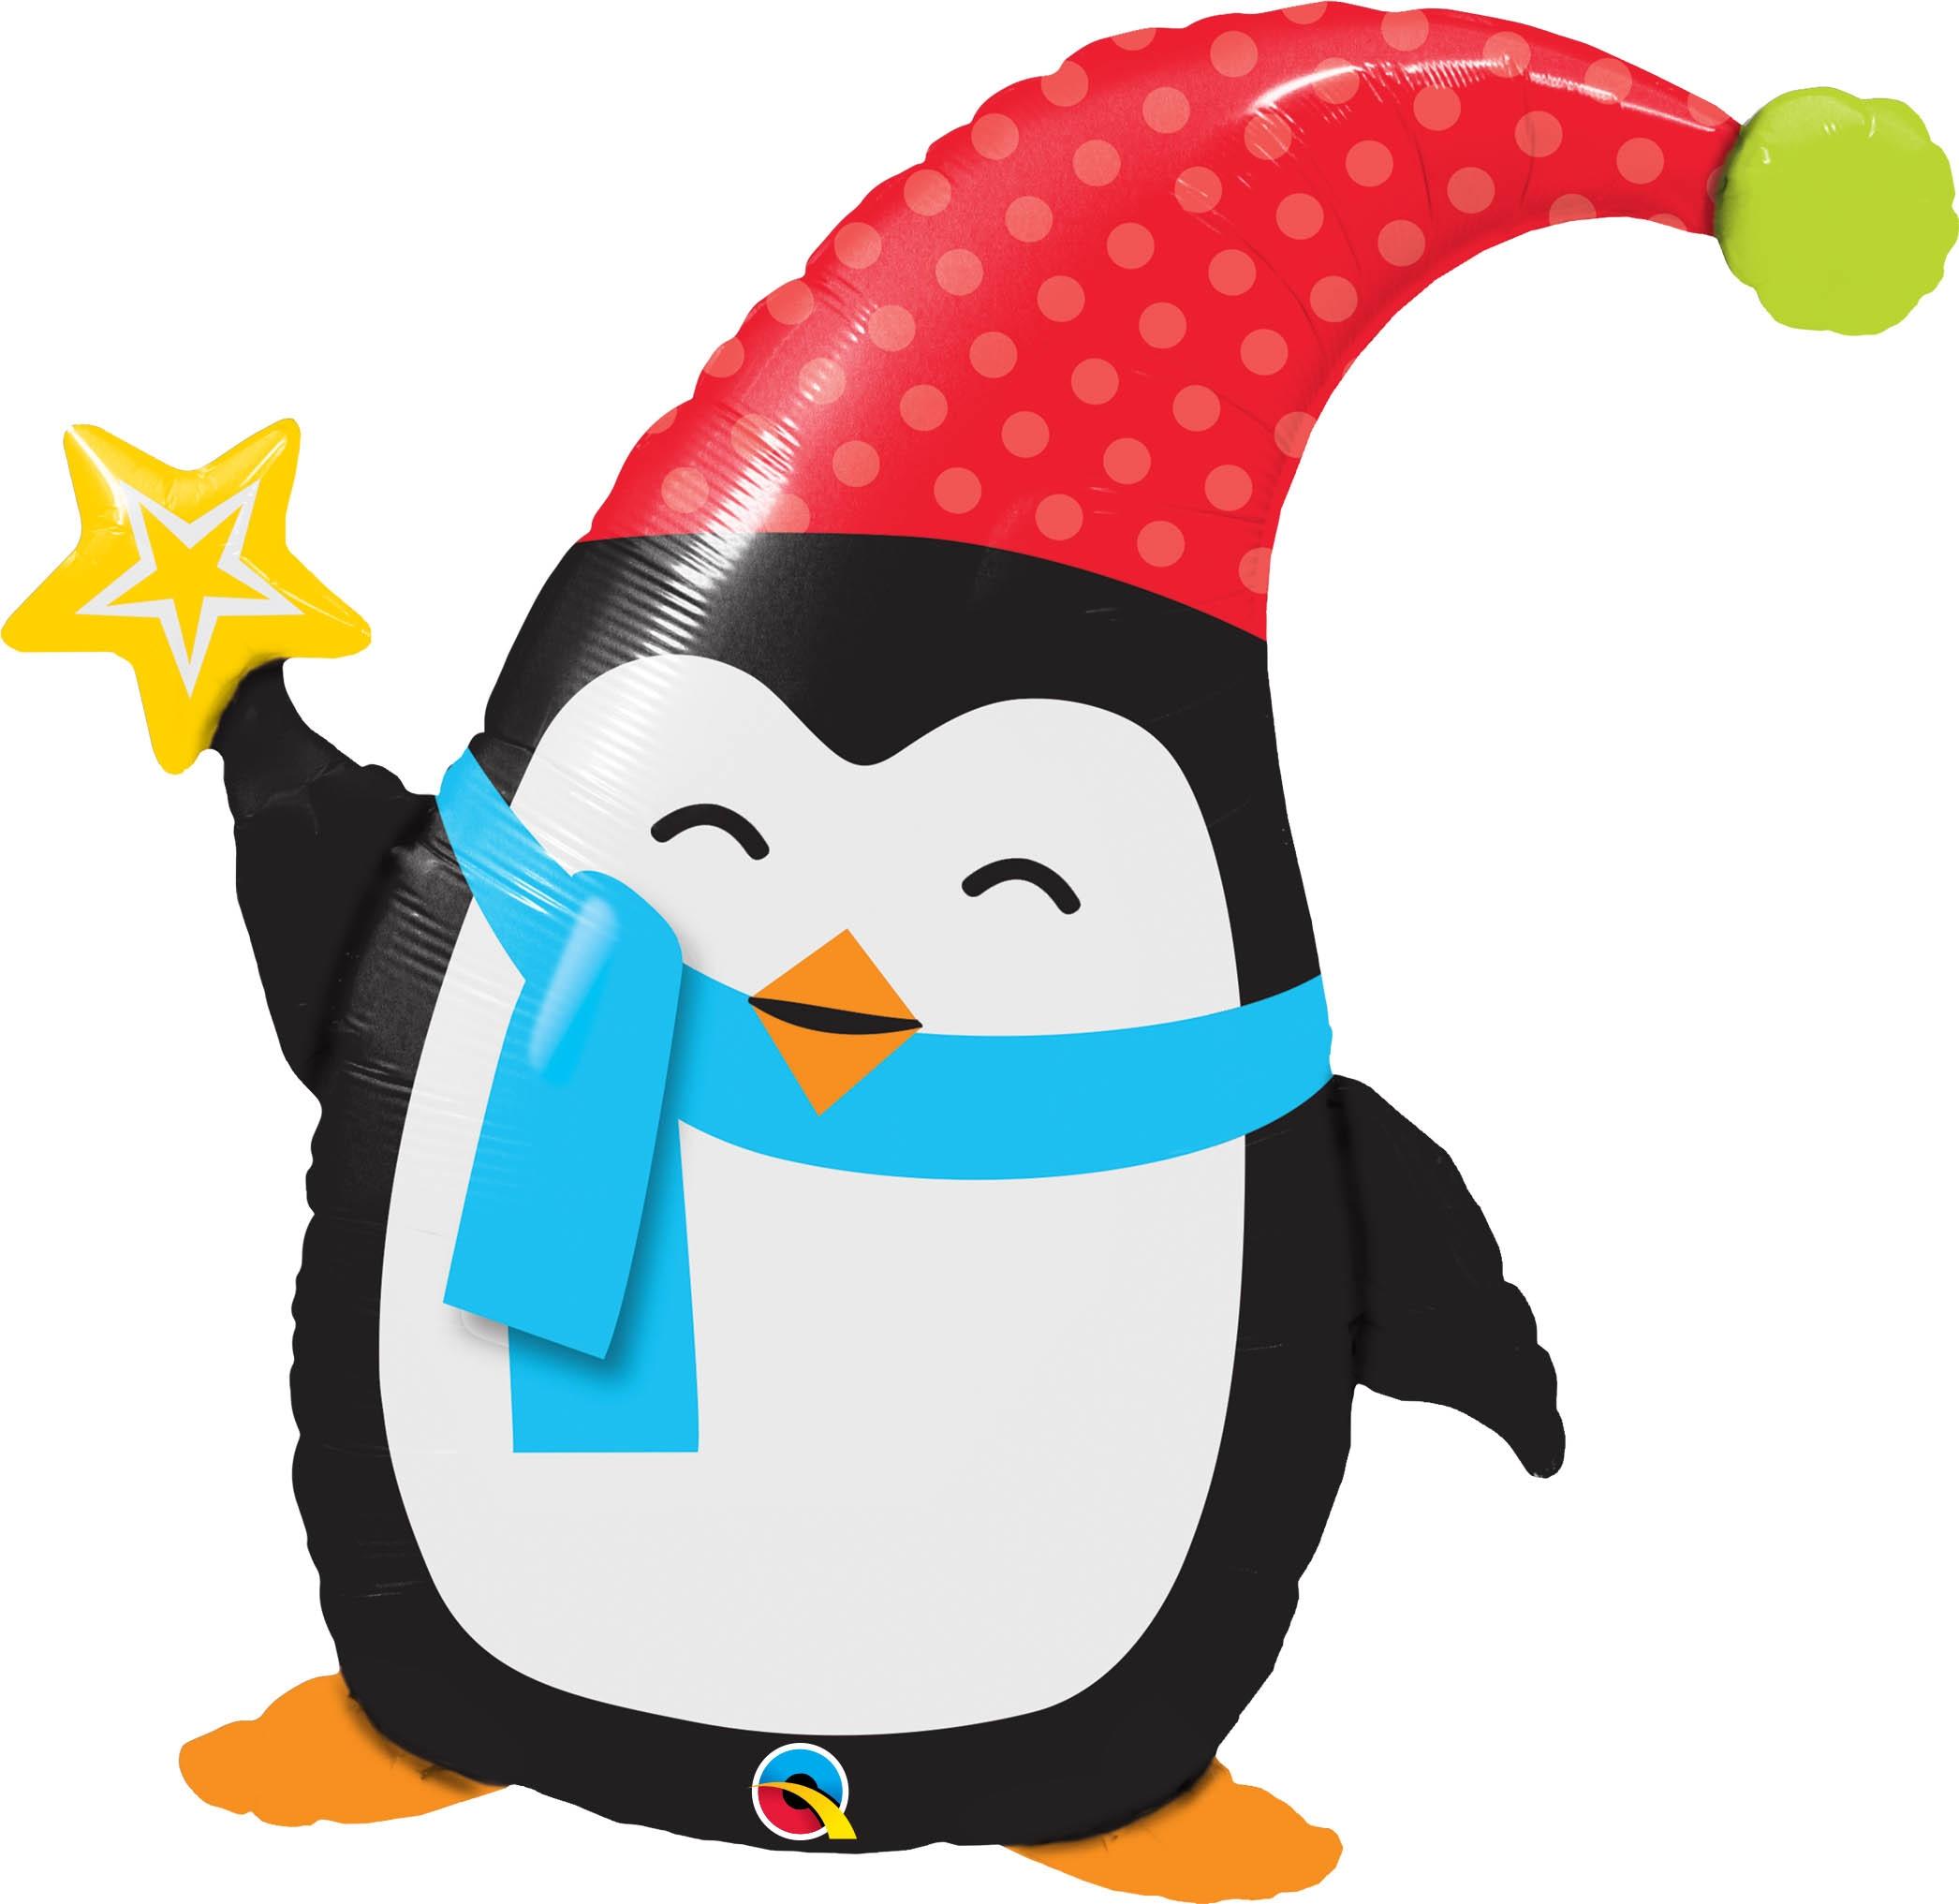 folienballon weihnachts pinguin 71x71cm weihnachten. Black Bedroom Furniture Sets. Home Design Ideas